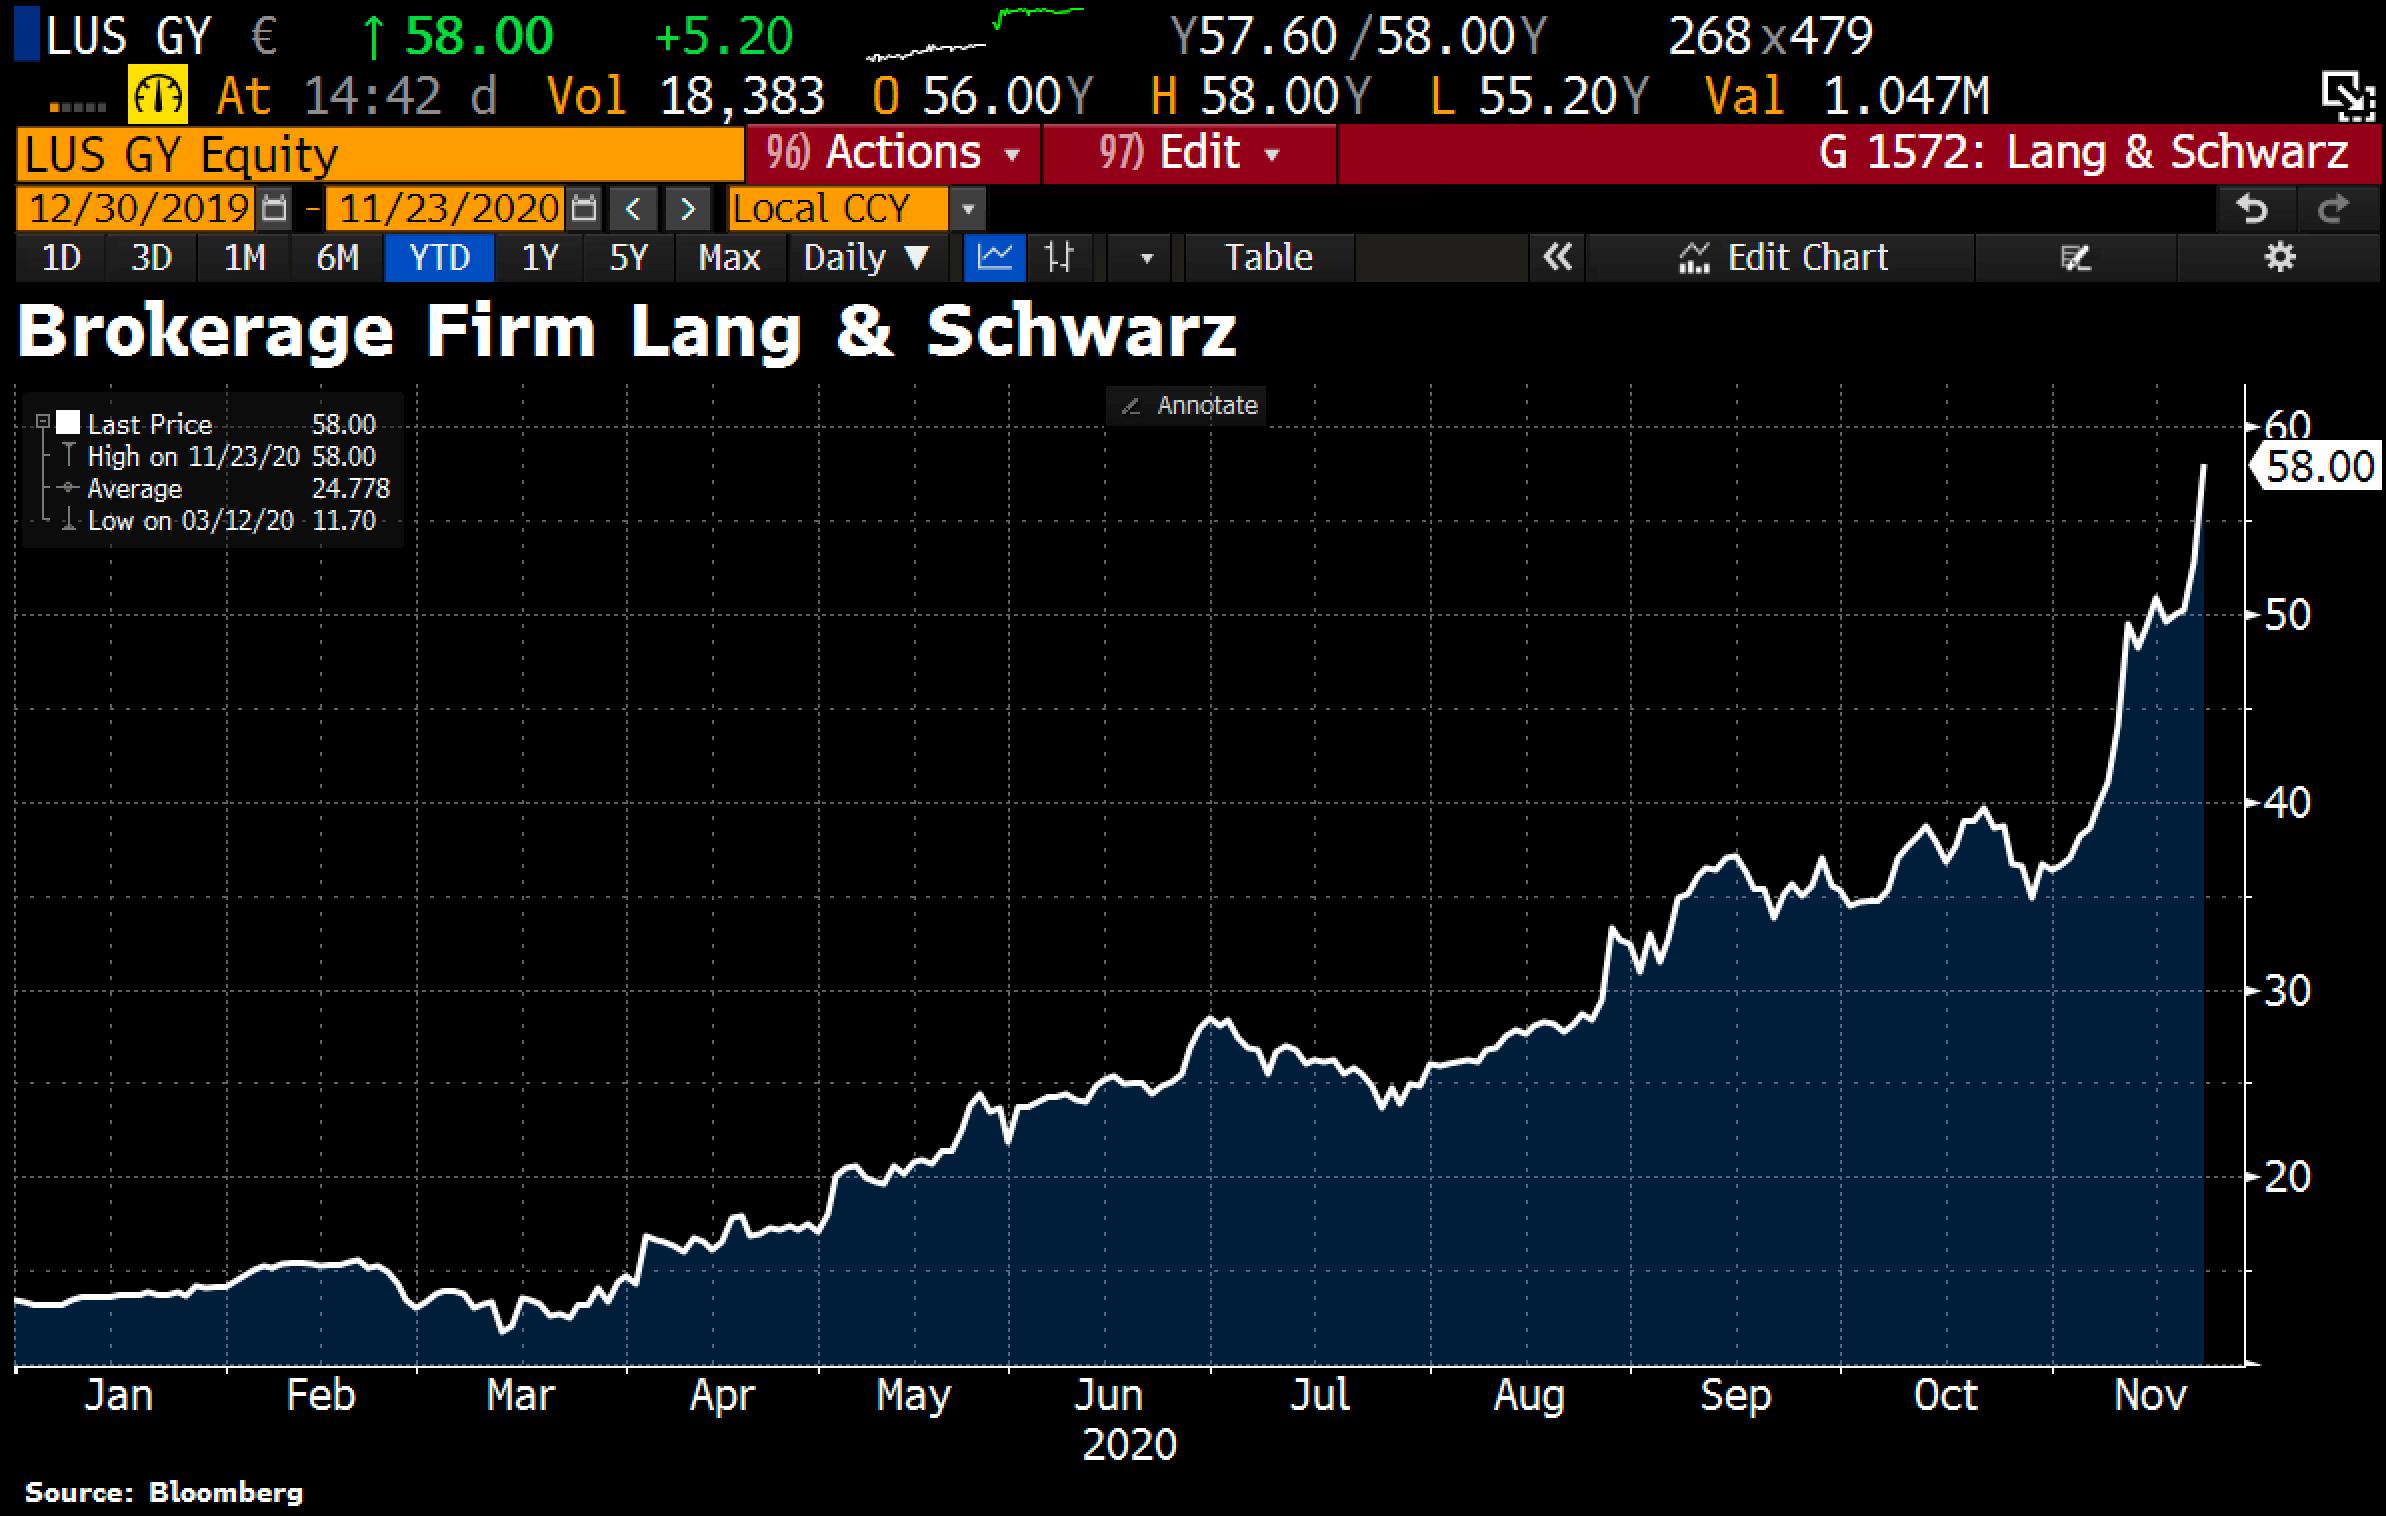 German broker stock Lang & Schwarz (LUS GY)